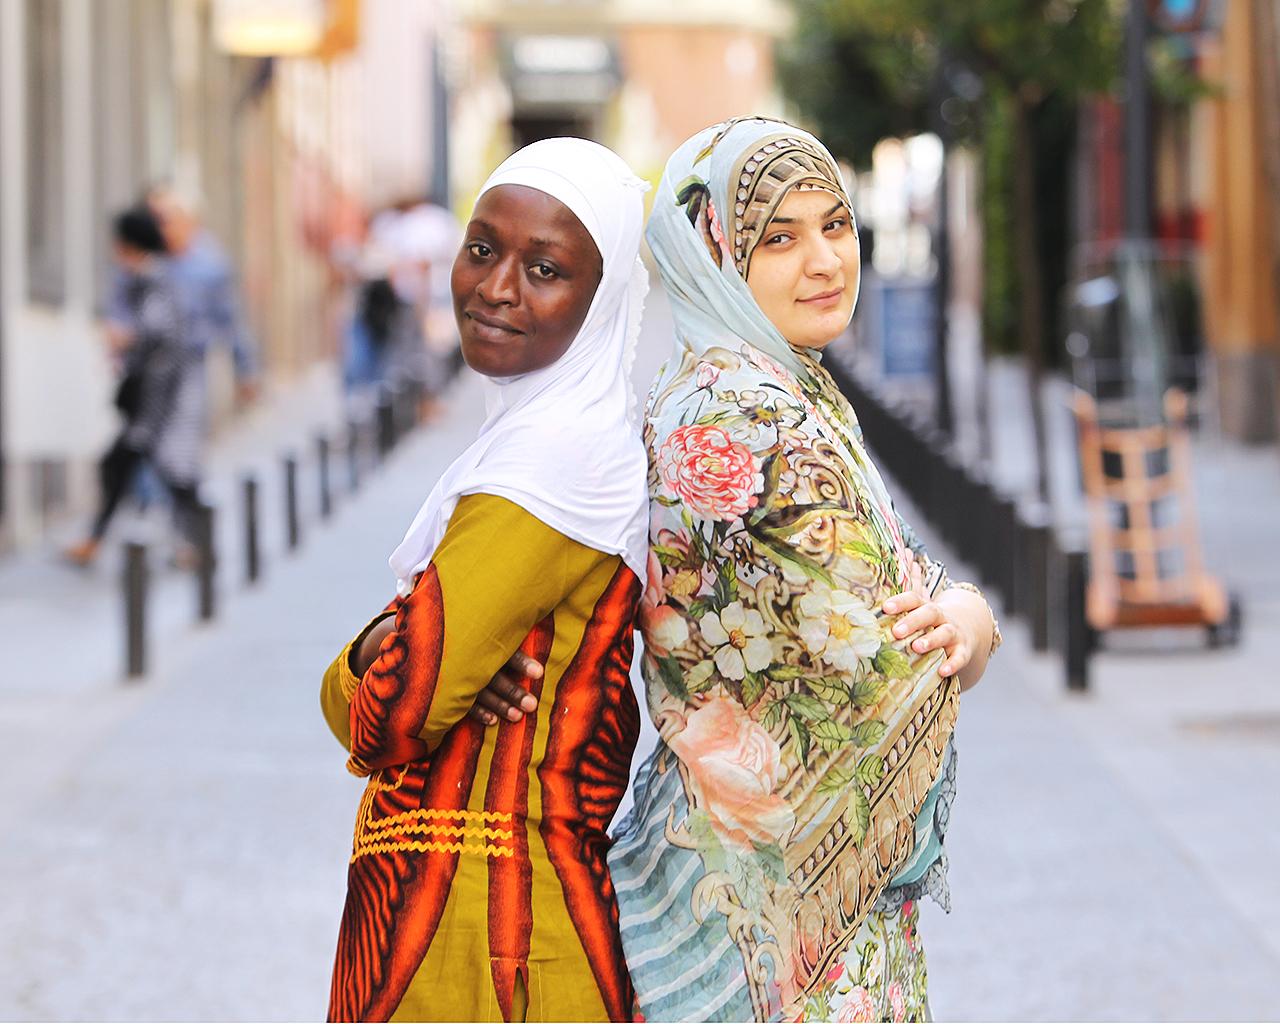 Kadiatu Massaquoi y Hadiqa Bashir, dos jóvenes víctimas de matrimonios forzosos y activistas contra esta violación de los derechos humanos. Madrid. 09/10/2019.